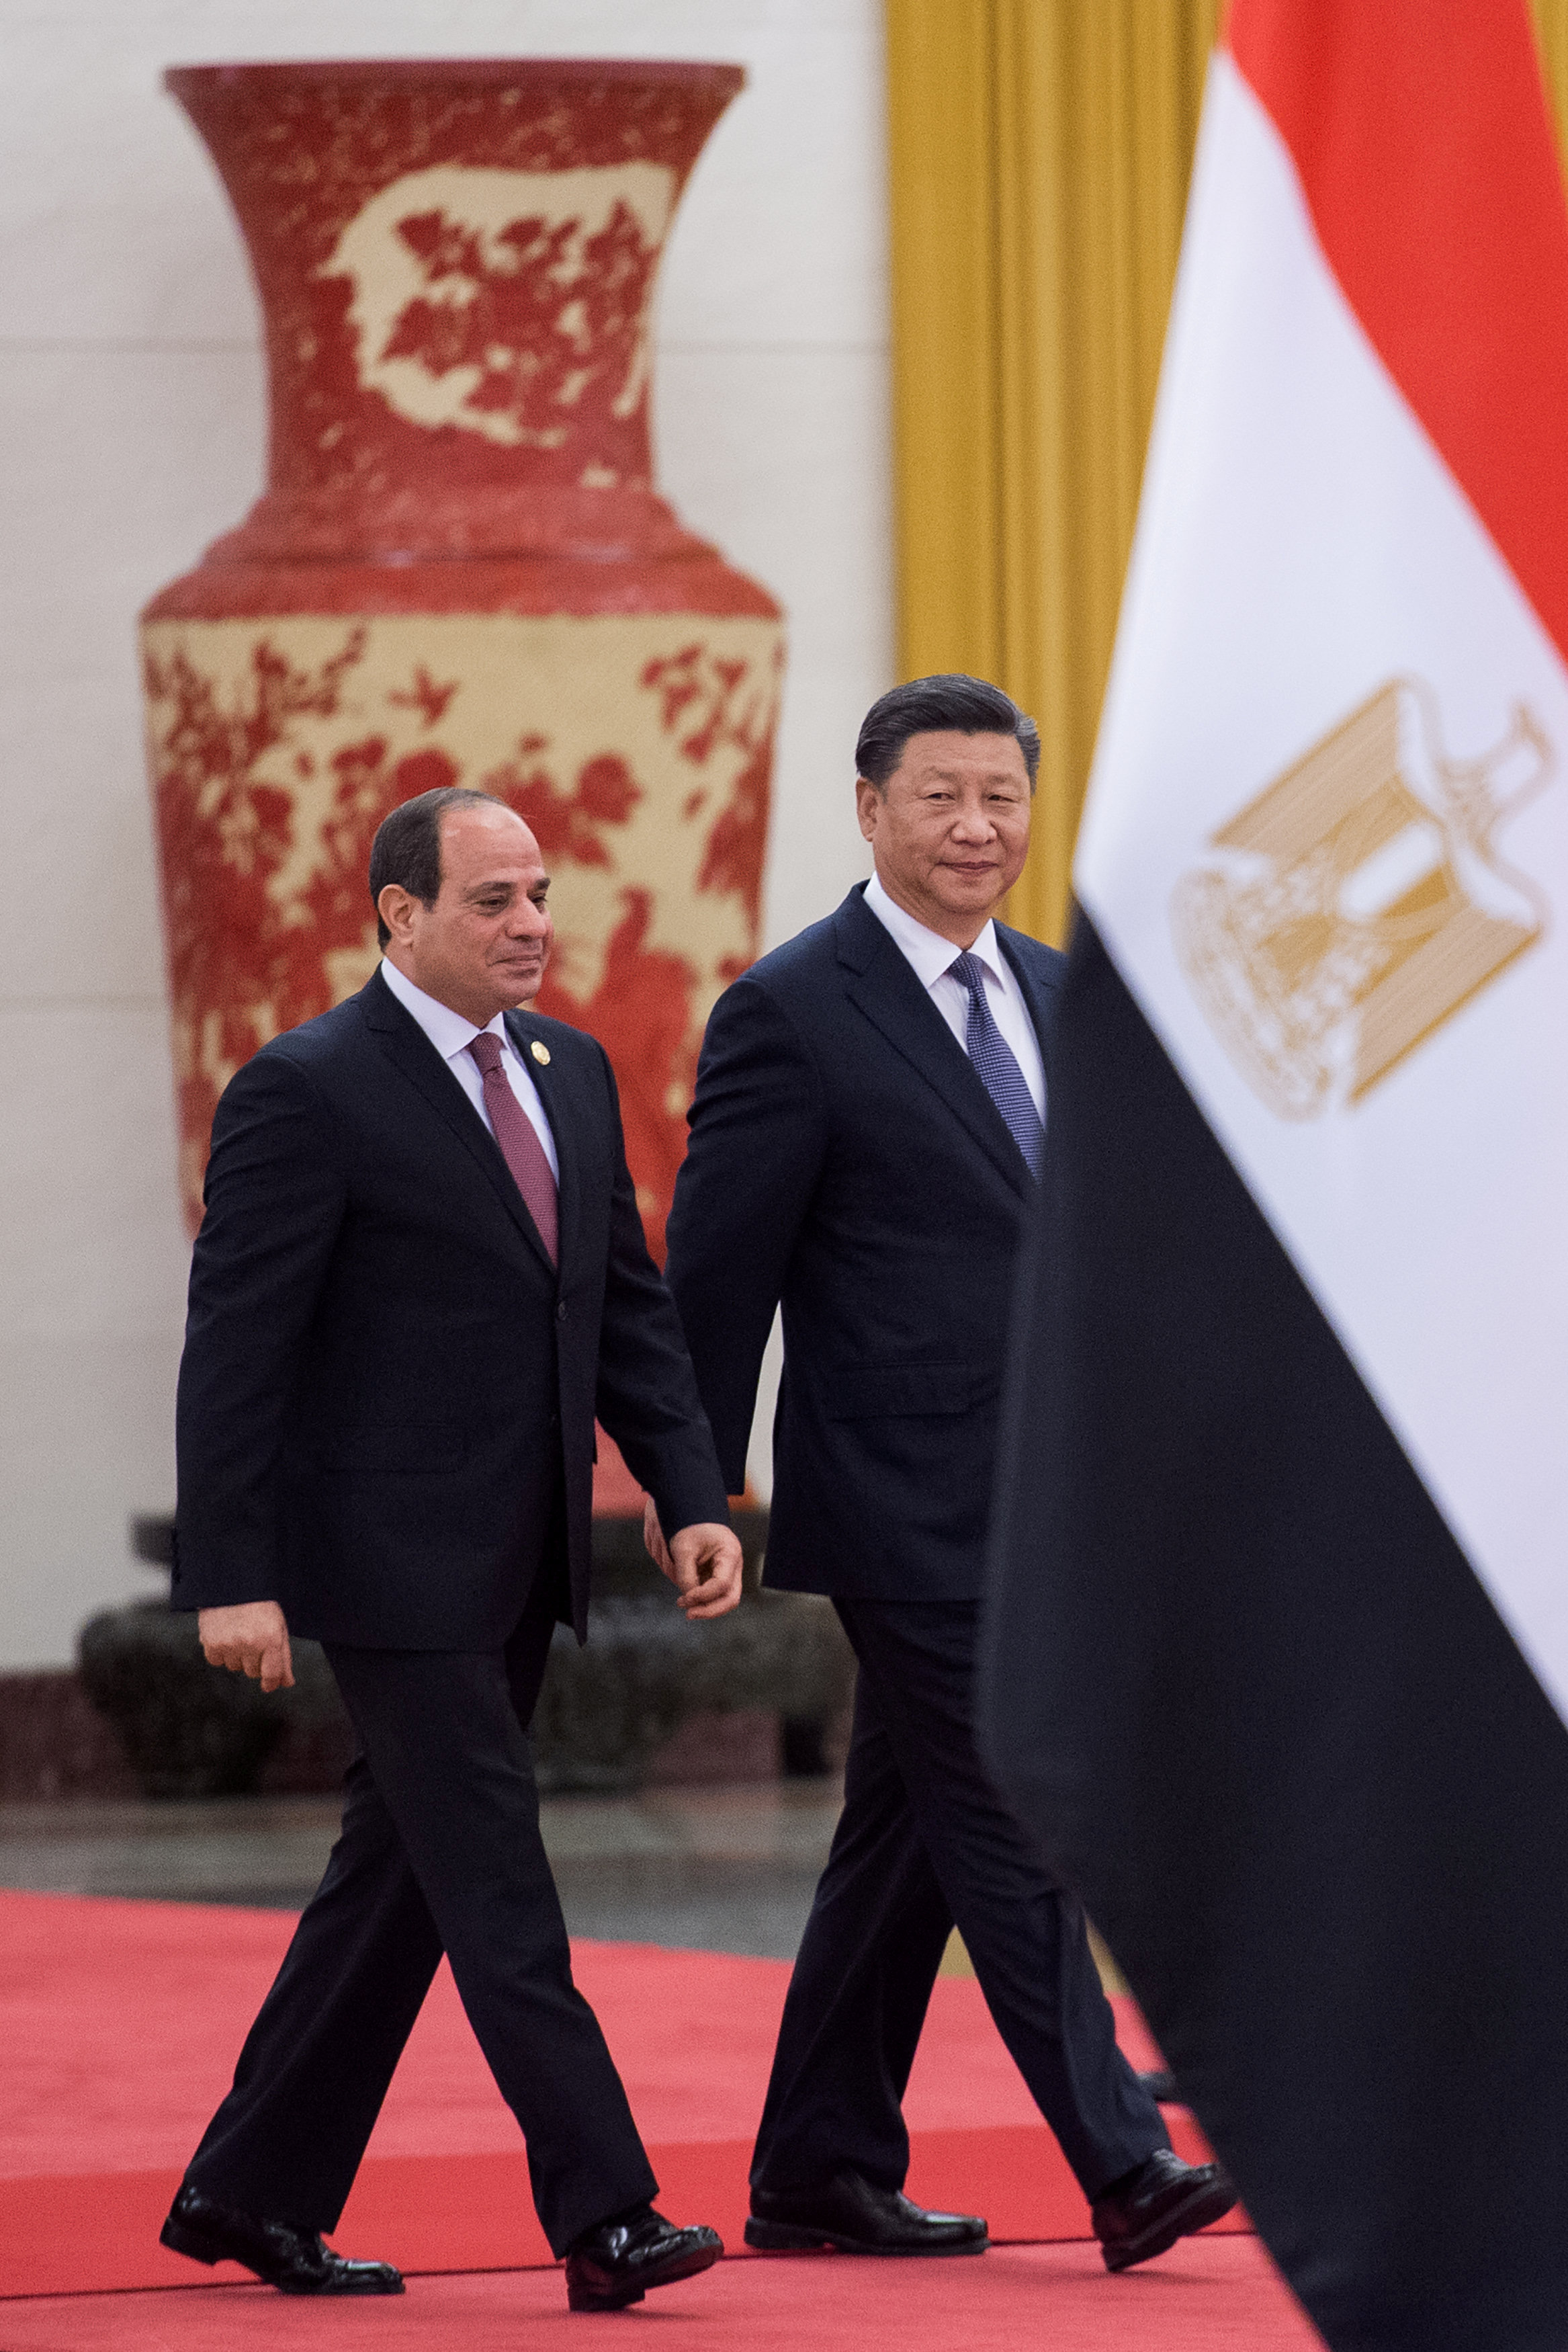 مراسم استقبال رسمية للسيسى فى بكين  (11)